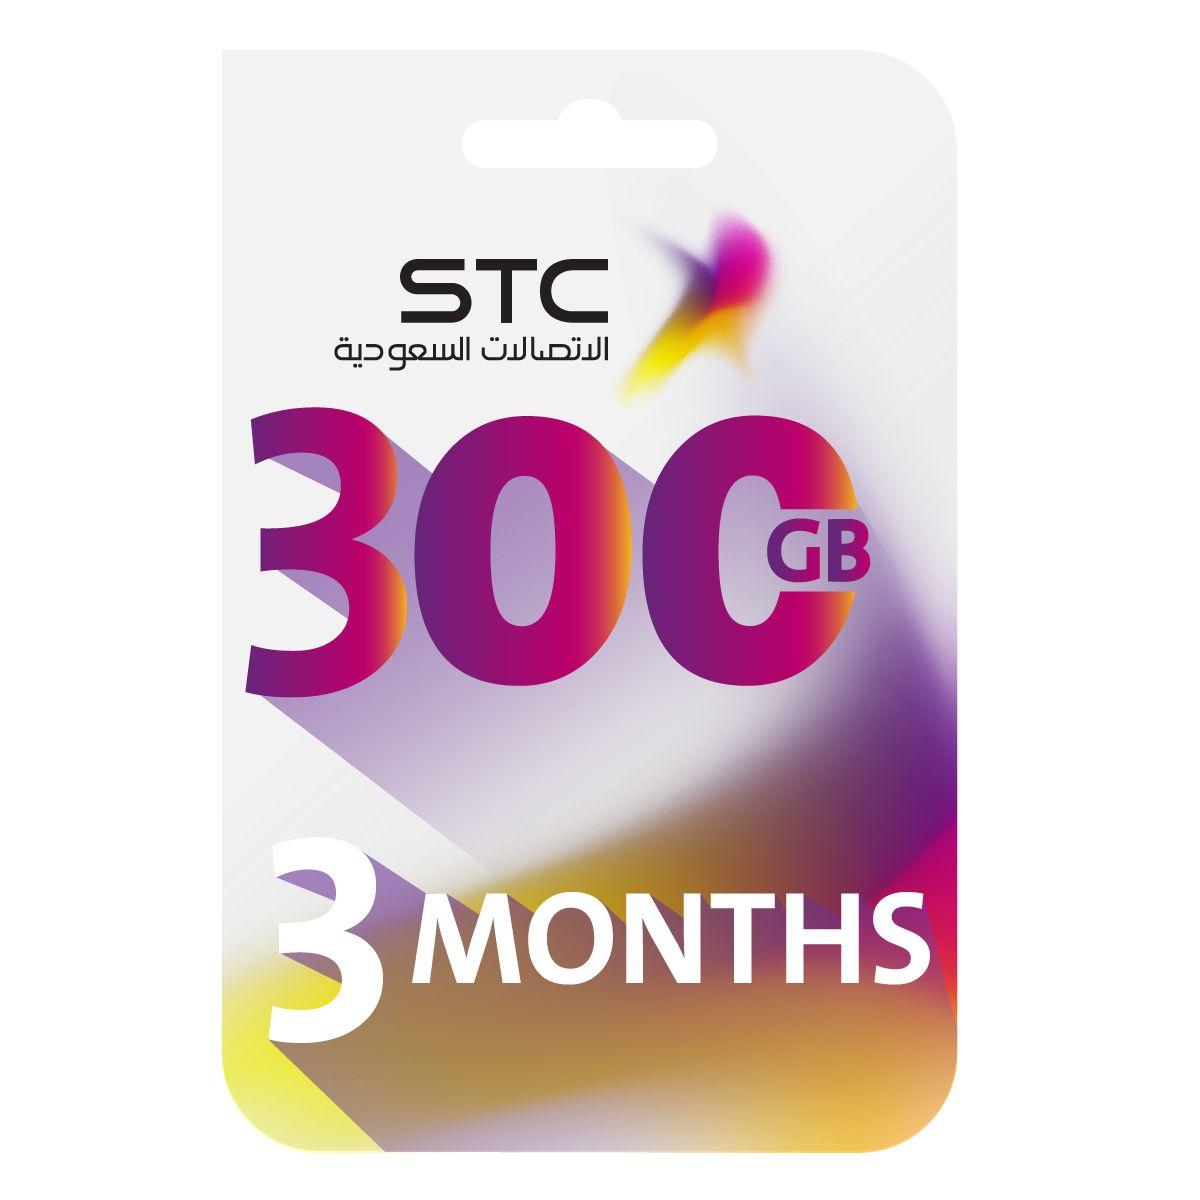 بطاقة كويك نت 300 جيجا 3شهور Tech Logos School Logos Georgia Tech Logo